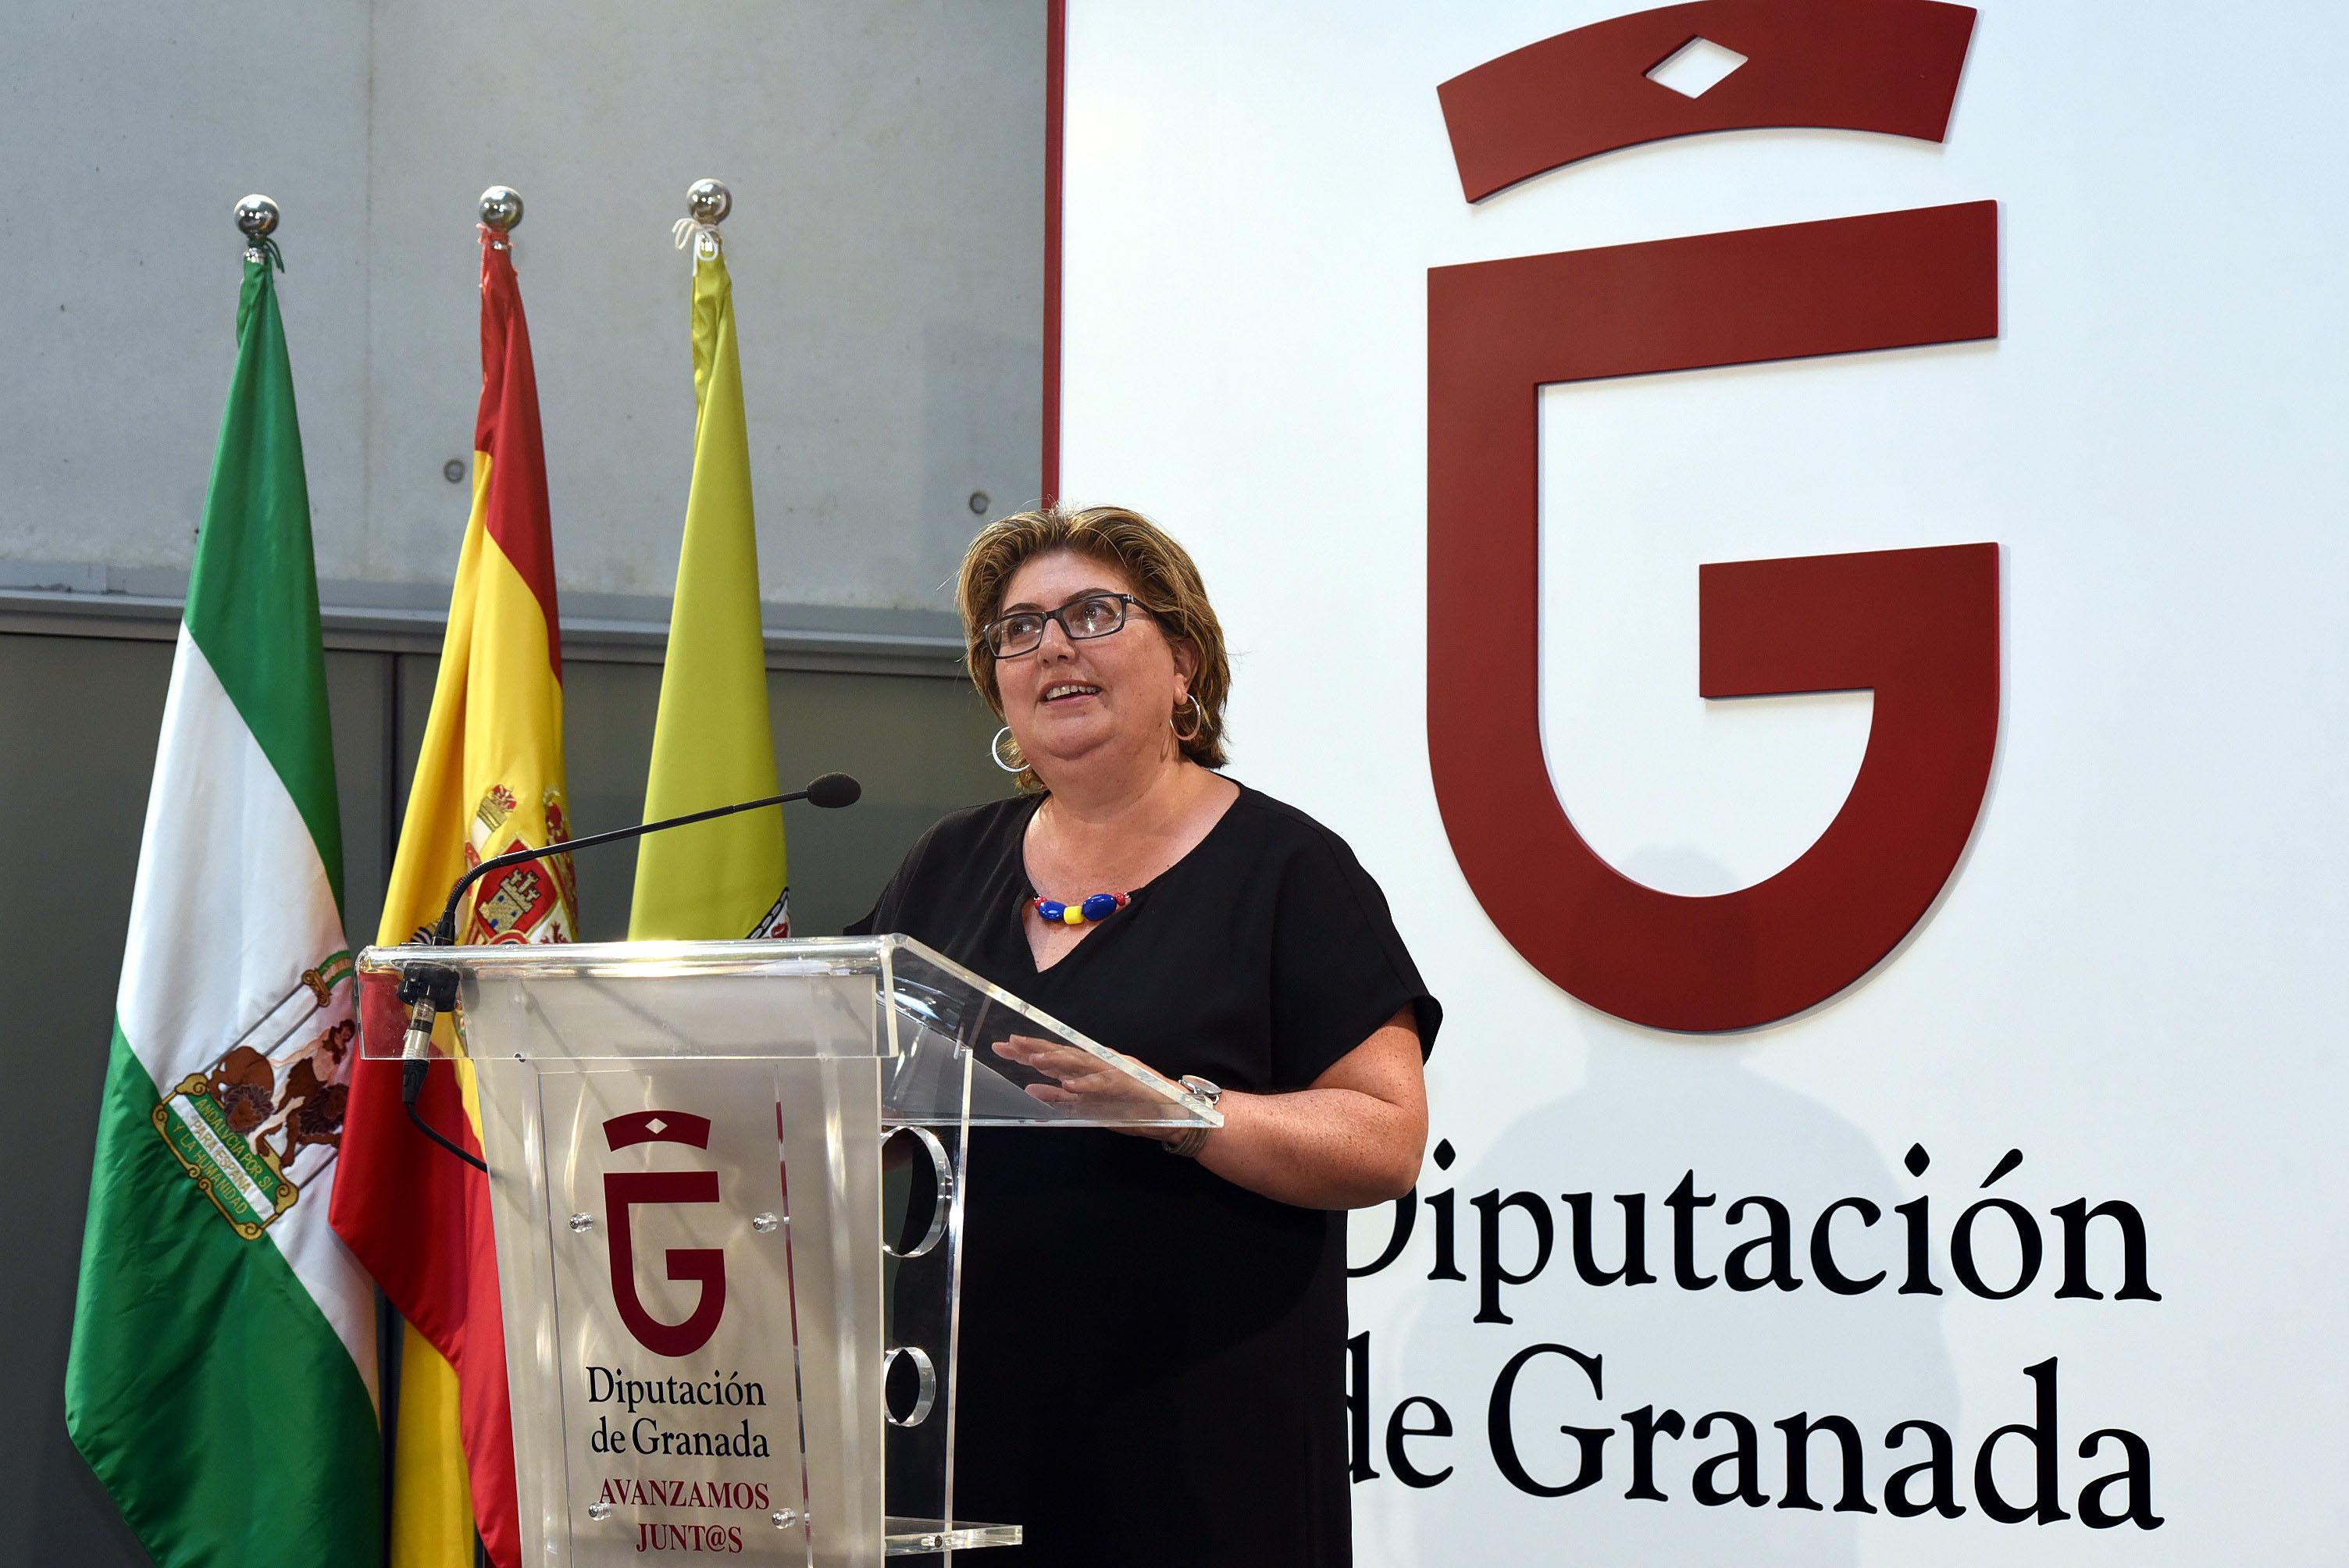 La UE presenta 3 proyectos de la Diputación como ejemplo contra la despoblación